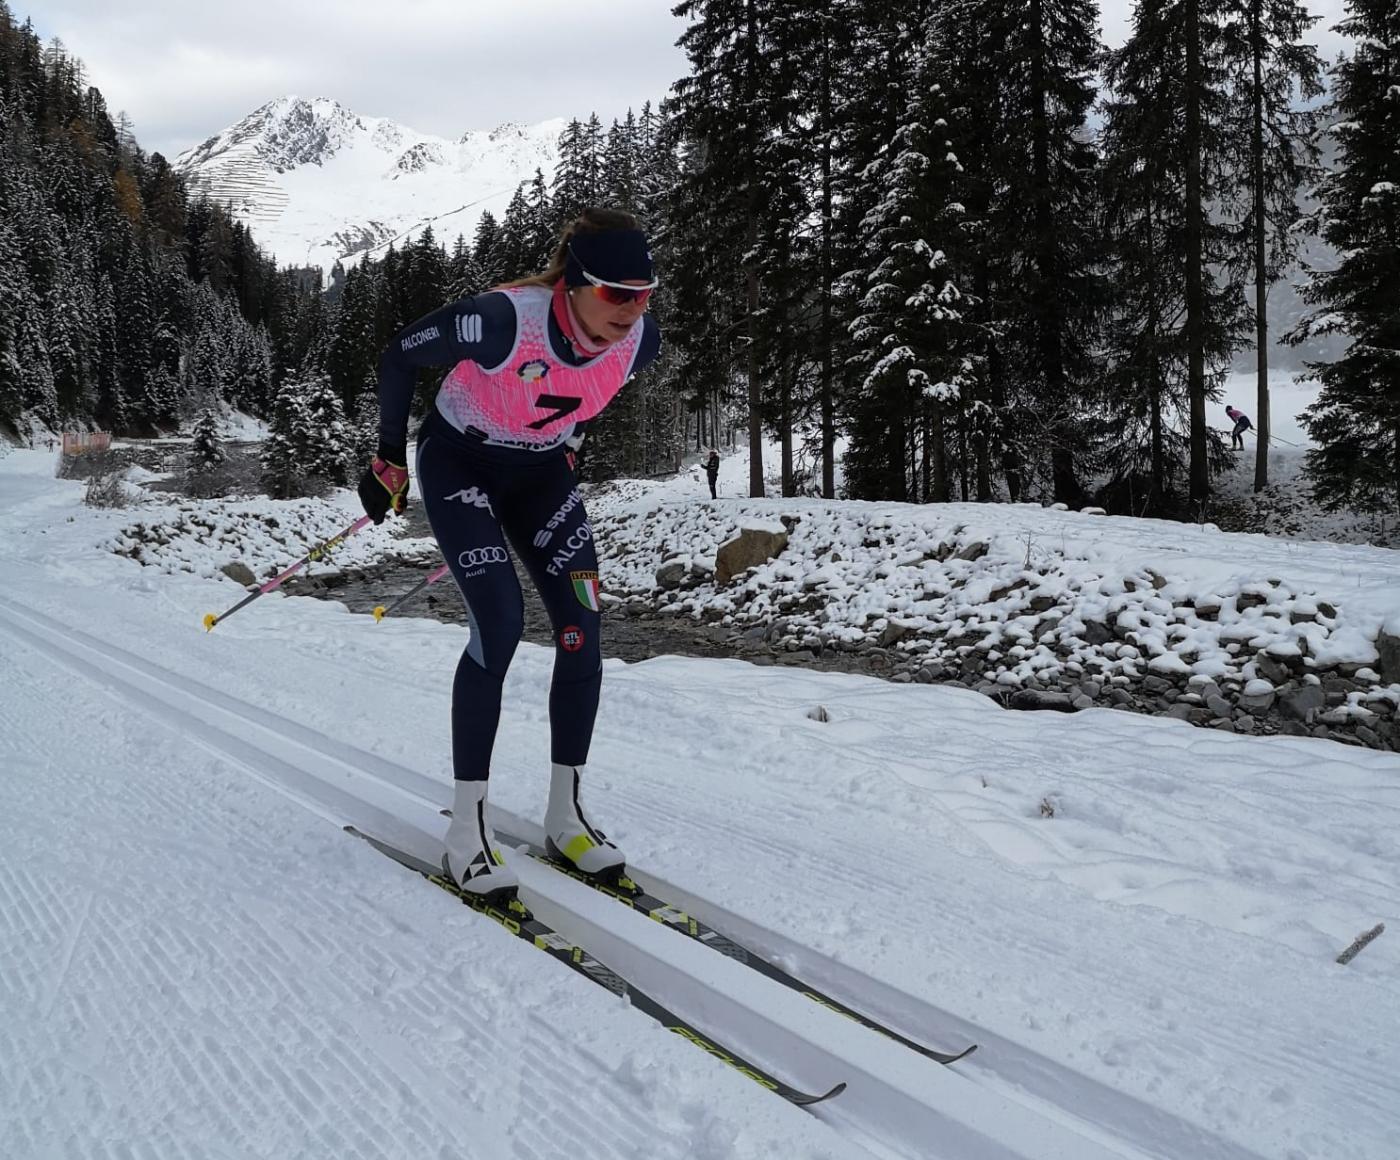 Francesca: von den Abfahrtspisten der Paganella in die Langlauf-Nationalmannschaft von Italien